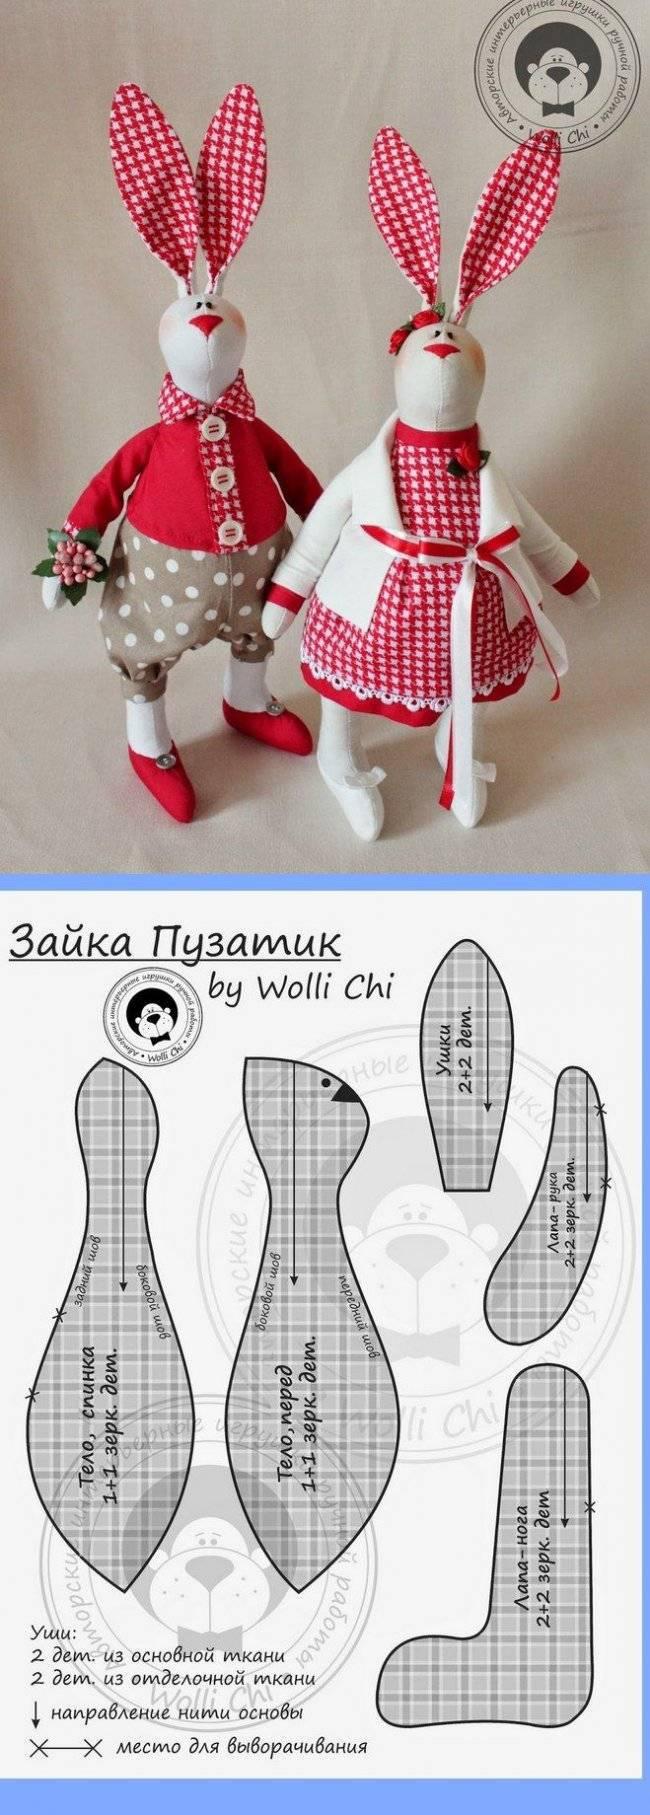 zayats-tilda-vyikroyki-8720.jpg